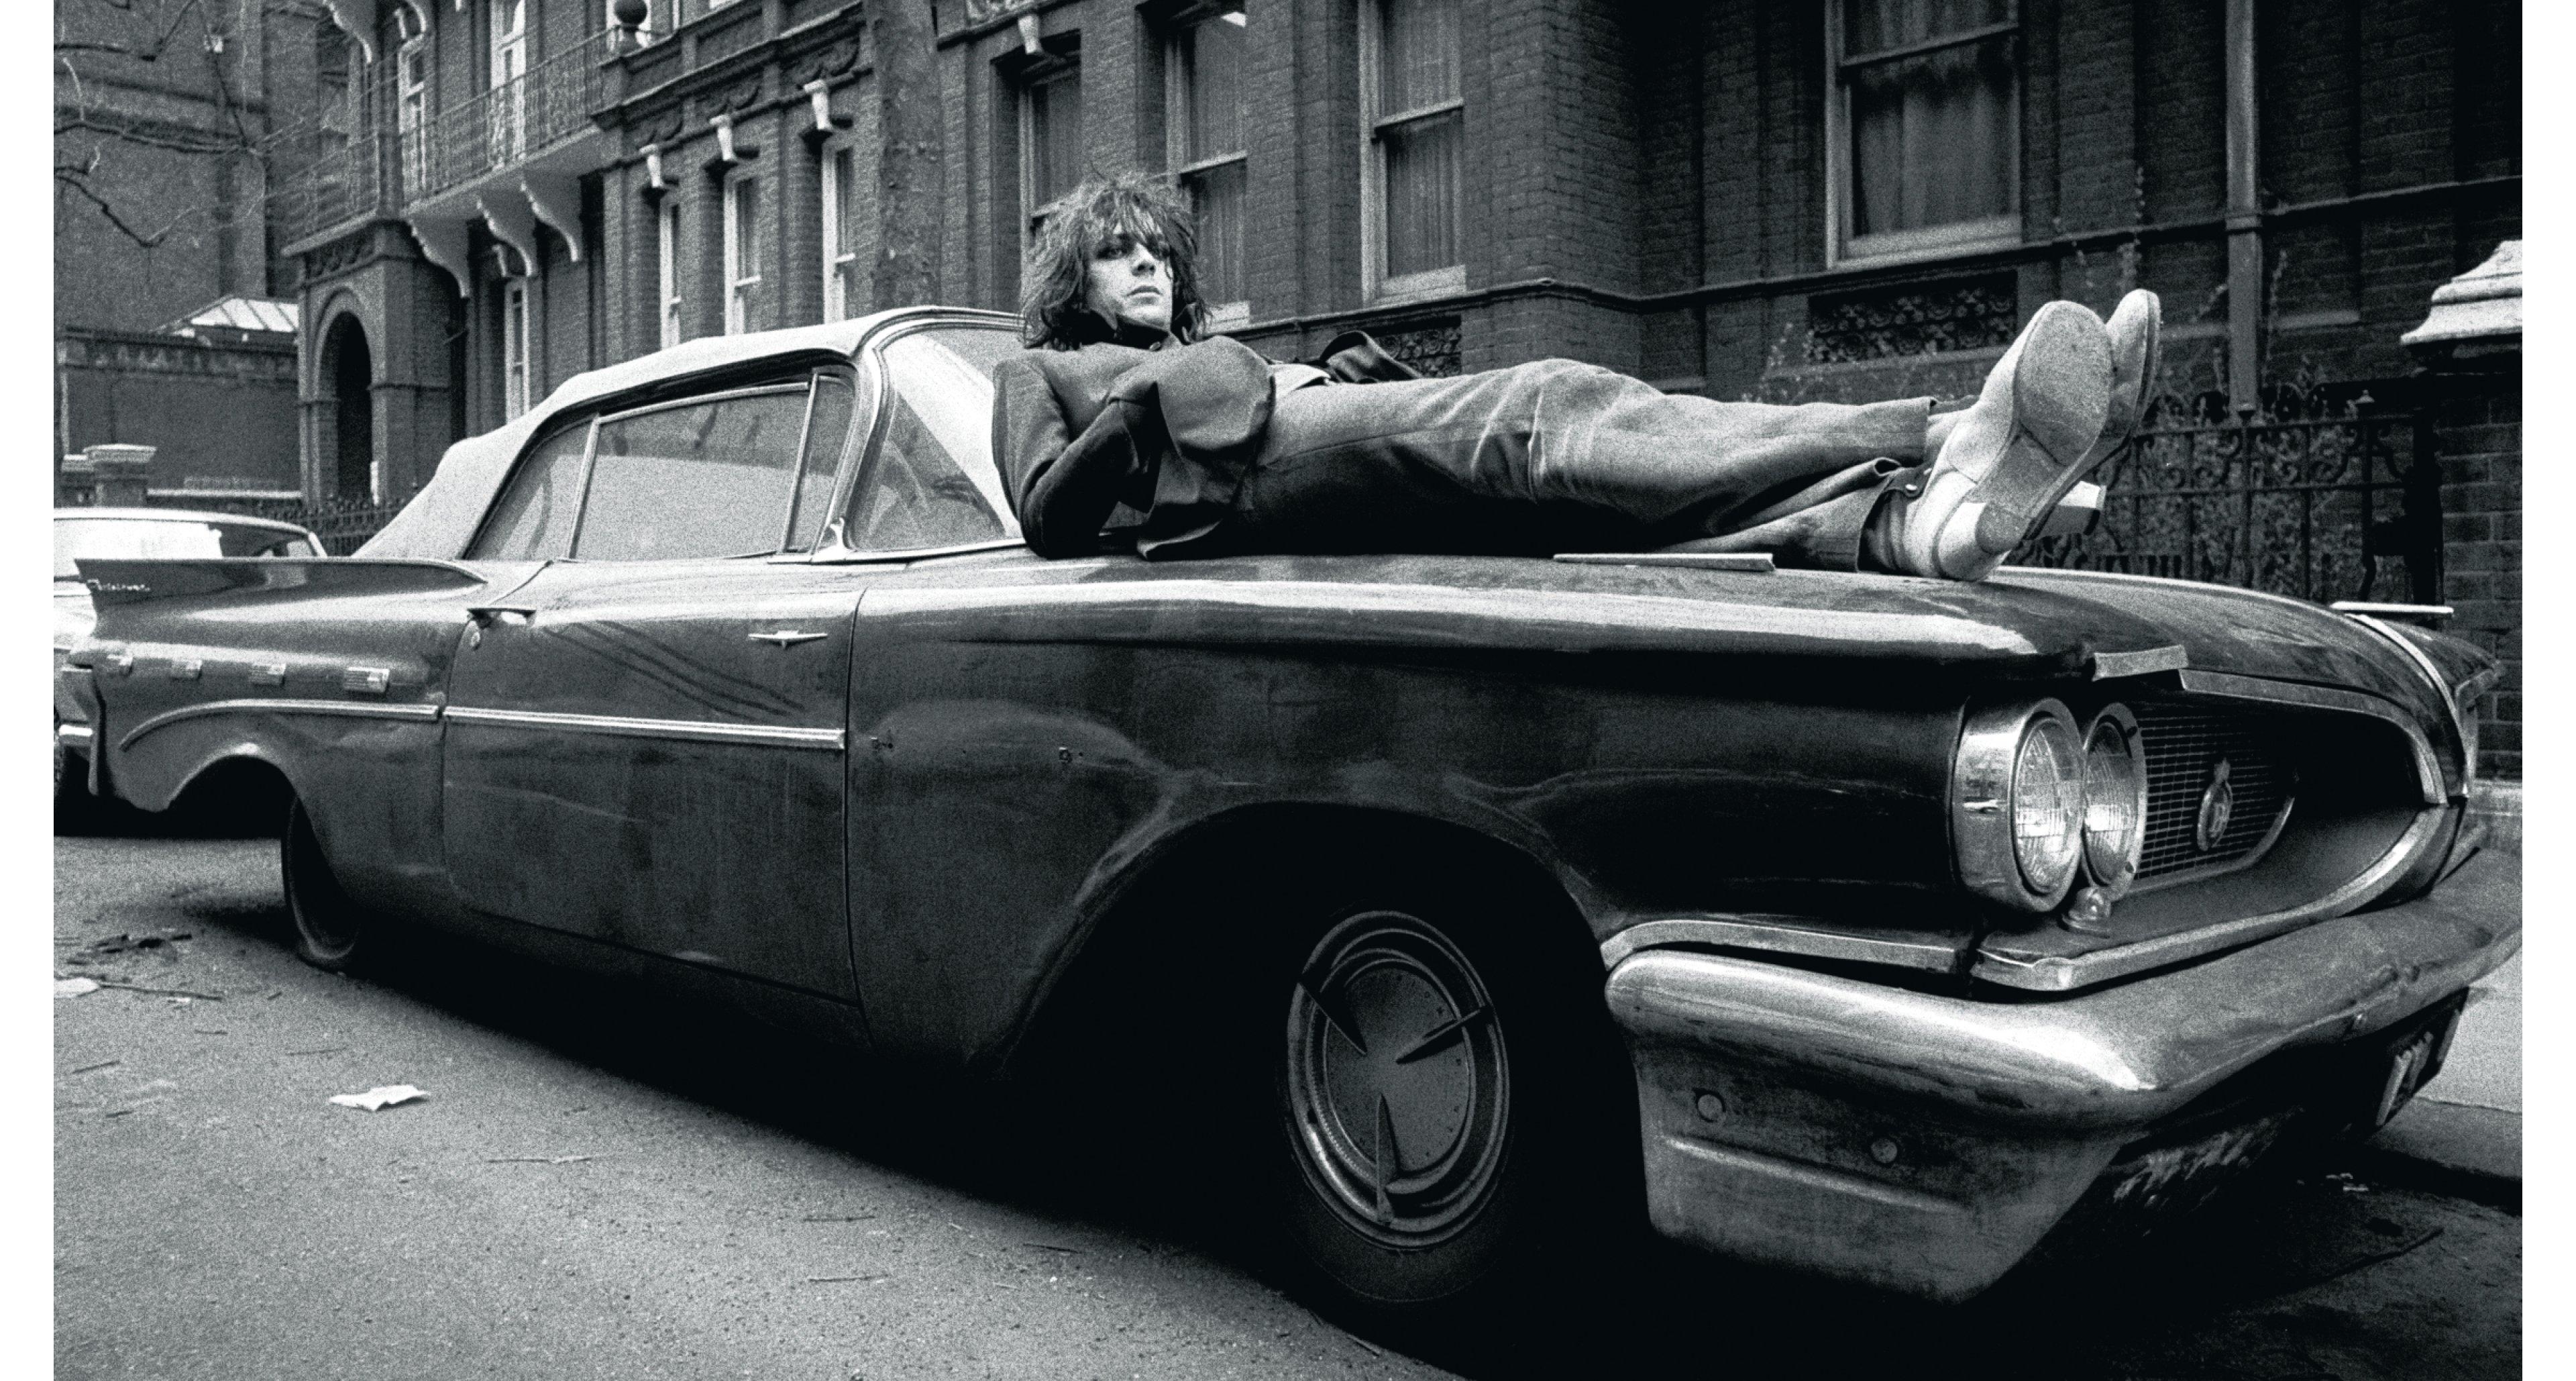 Syd Baret ruht auf einem Bett aus Blech in London